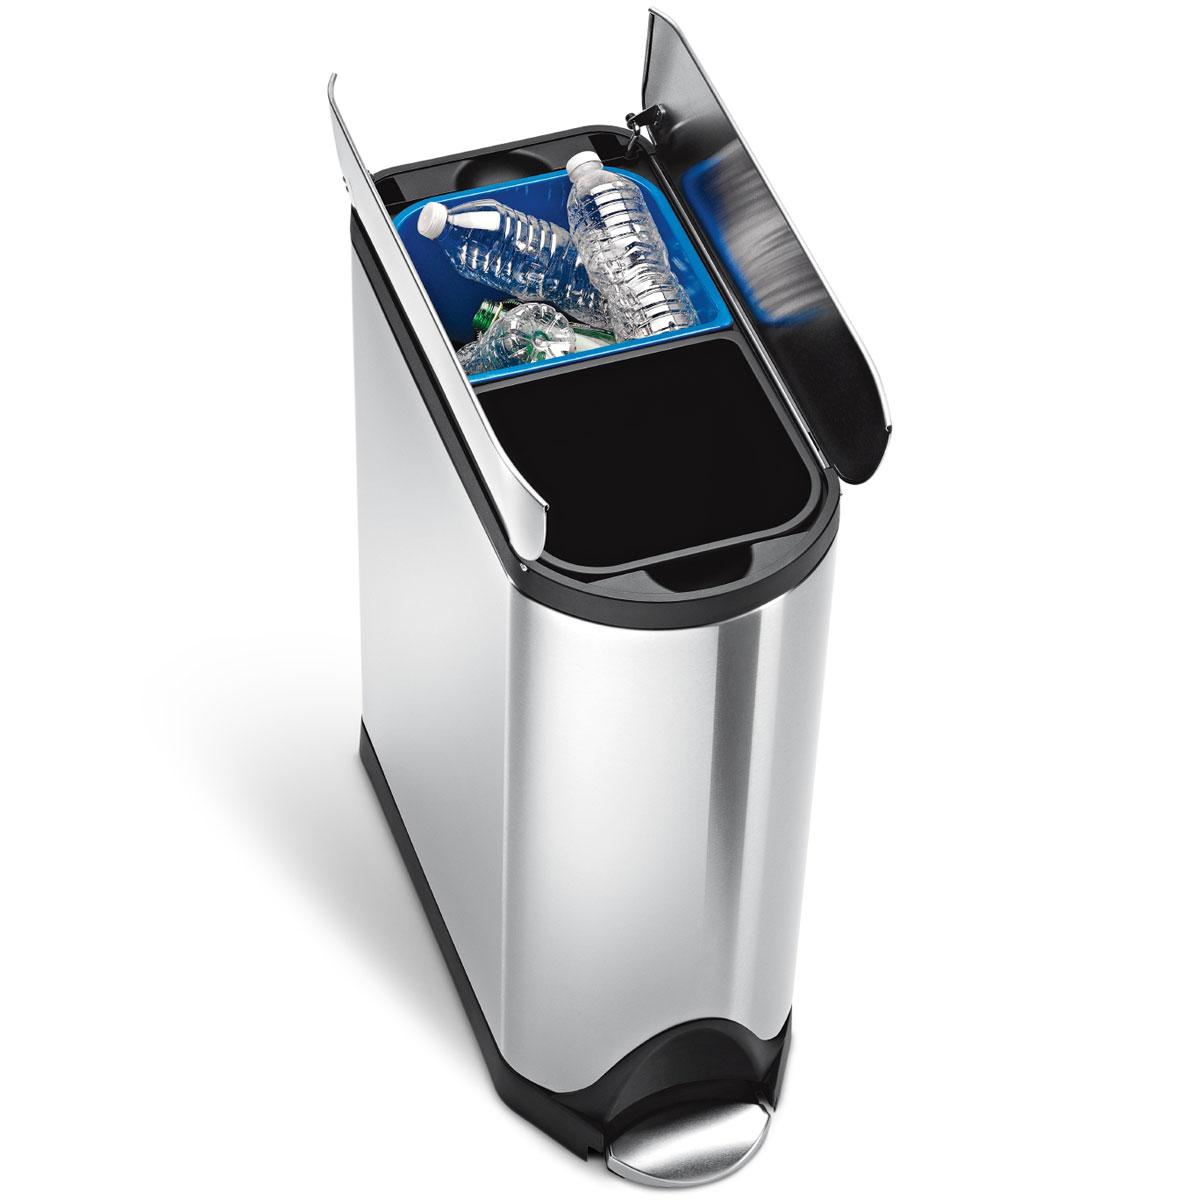 simplehuman ゴミ箱 バタフライステップカン ダストボックス ごみ箱 シルバー ペダル式 フタ付き 両開き開閉 キッチンなどに スタイリッシュでオシャレなゴミ箱 シンプルヒューマン 正規品 1年間メーカー保証付き ゴミ箱 CW2017 40リットル(20L+20L)分別タイプ